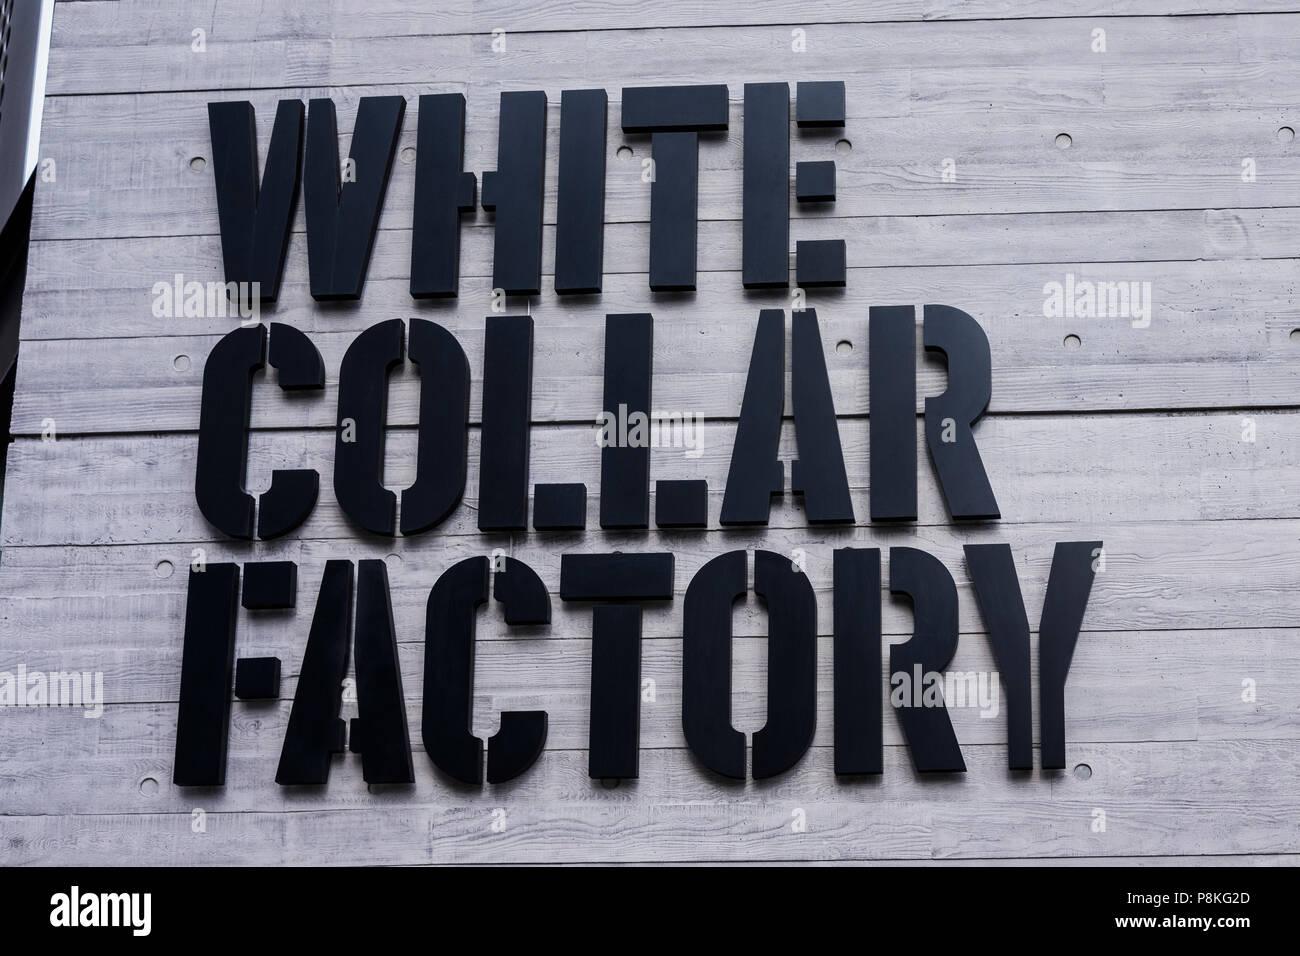 Collare bianco Fabbrica, Old Street rotonda, London, England, Regno Unito Immagini Stock